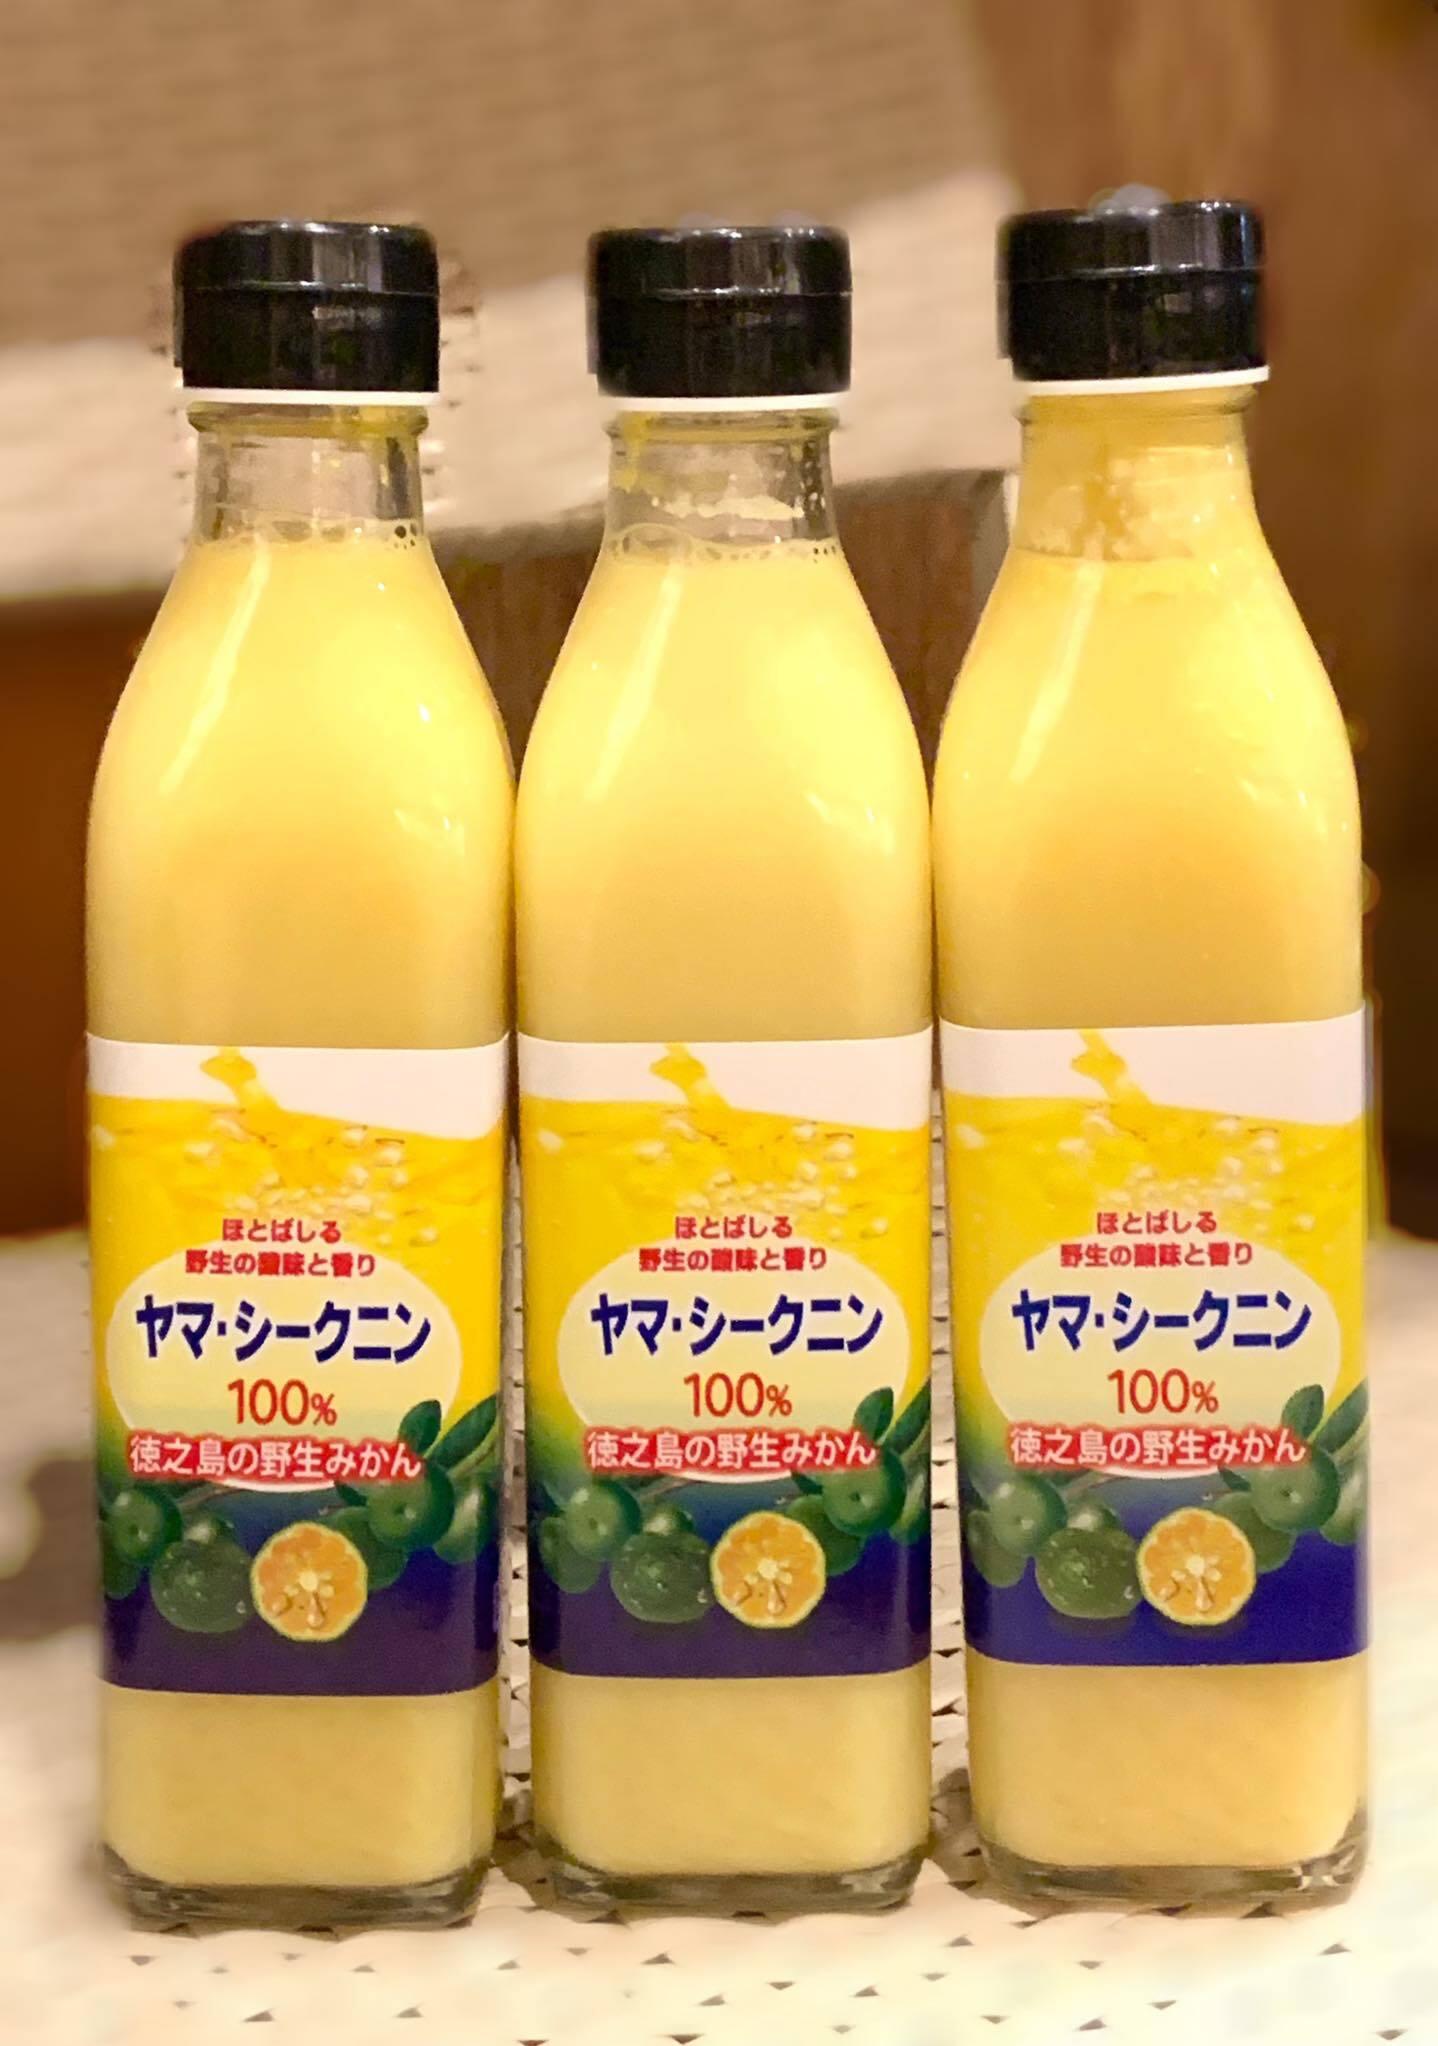 色彩健美食 樹齢100年の果実 長寿の島 徳之島の秘宝 「野生の島みかん・シークニン」100%生果汁 300ml入り瓶タイプ x3本セット